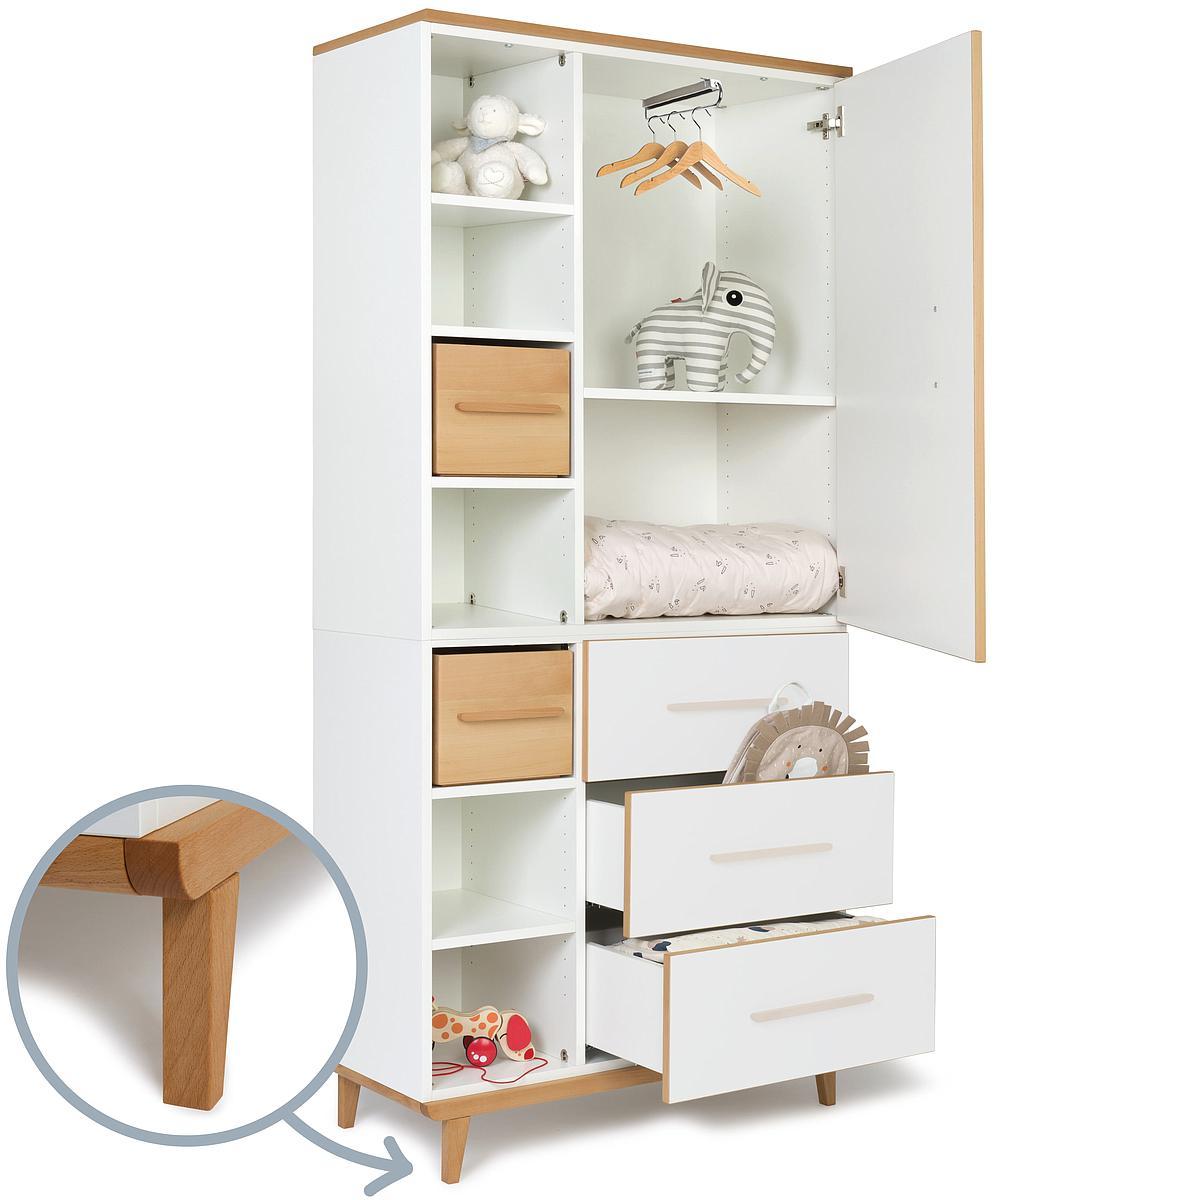 Kleiderschrank 198cm 1-türig 3 Schubladen ohne frontschubladen-tür NADO By A.K.